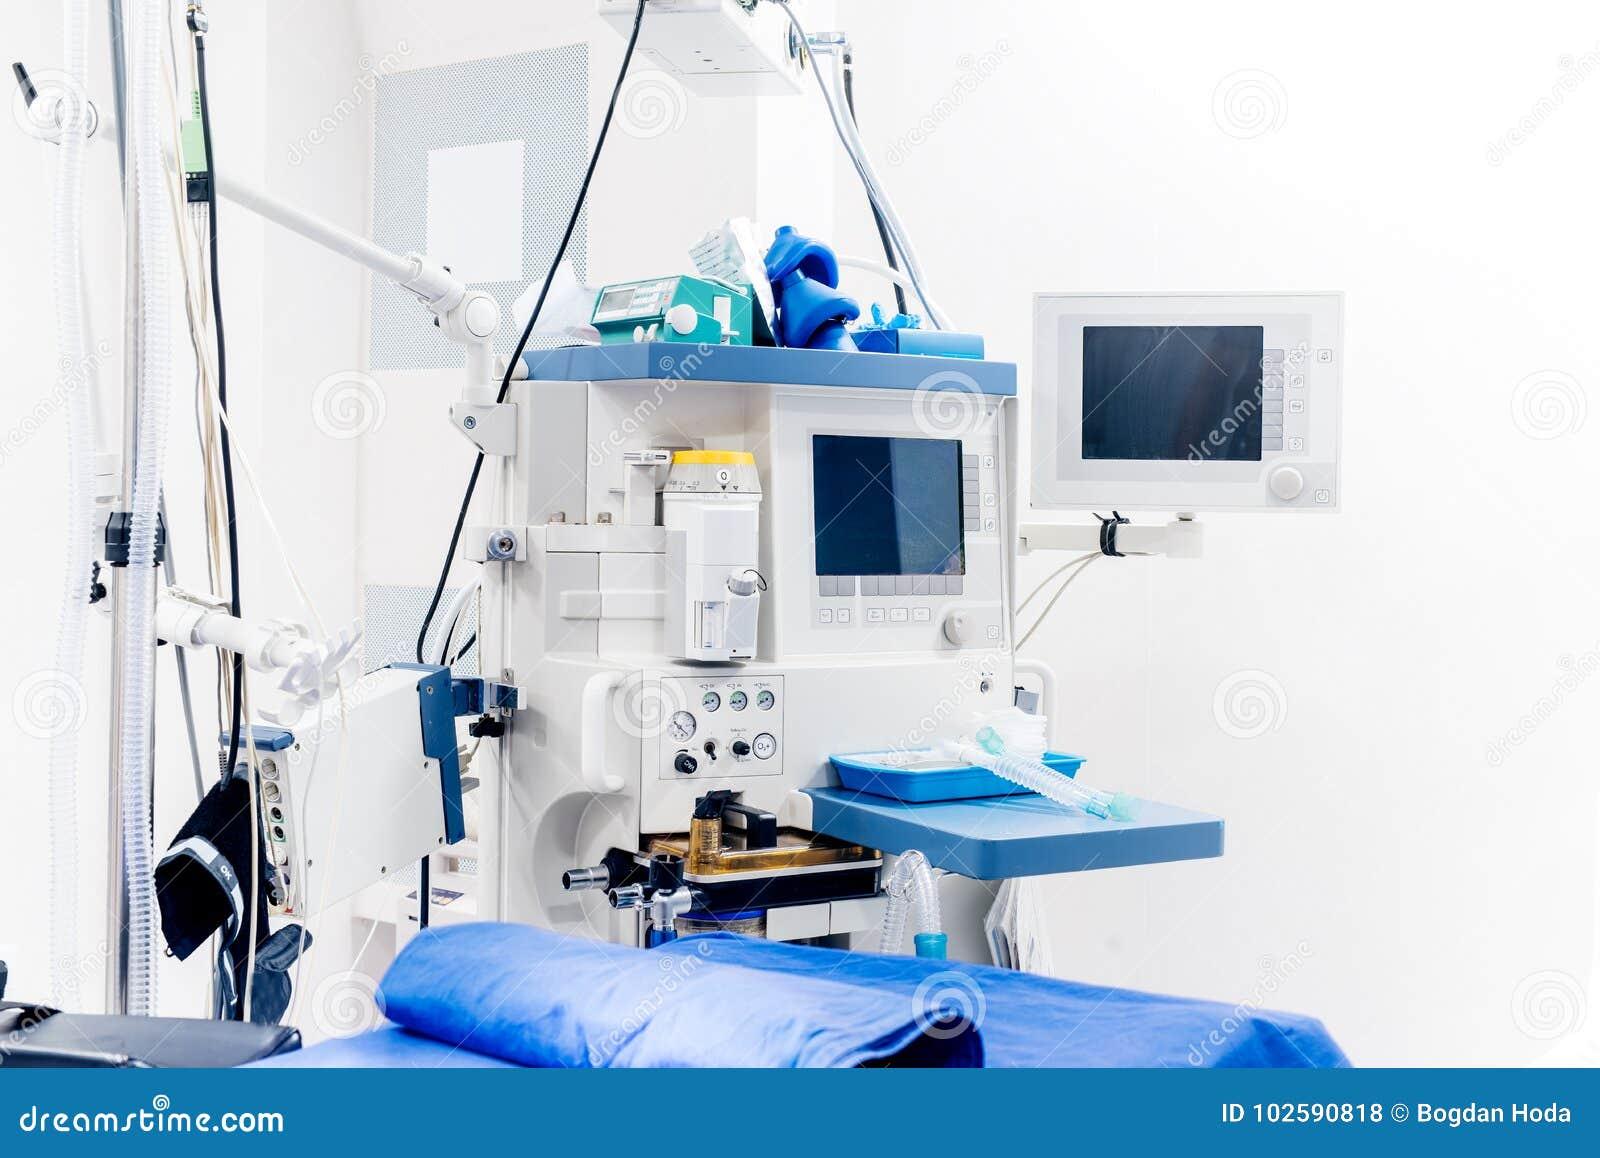 Moderne technologische Ausrüstung im Chirurgieraum Details von medizinischen lifecare Stützgeräten